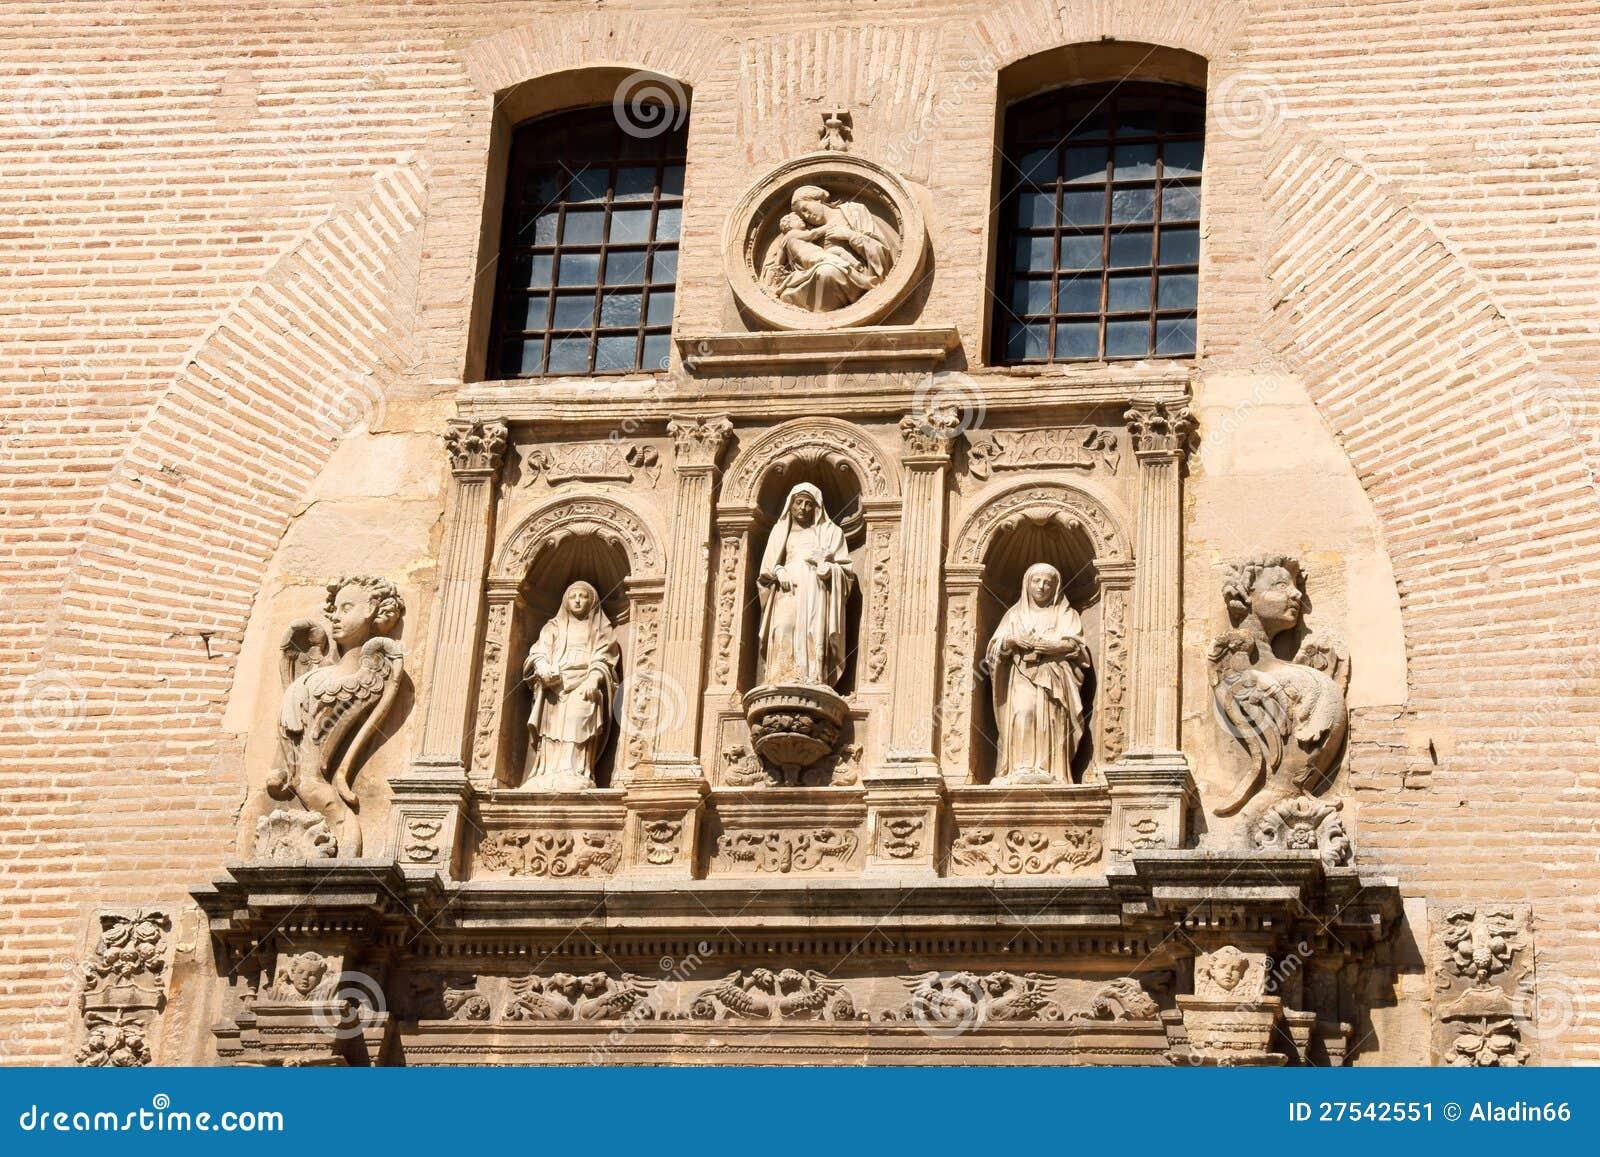 San gil y santa ana church in granada stock image image - Santa ana granada ...